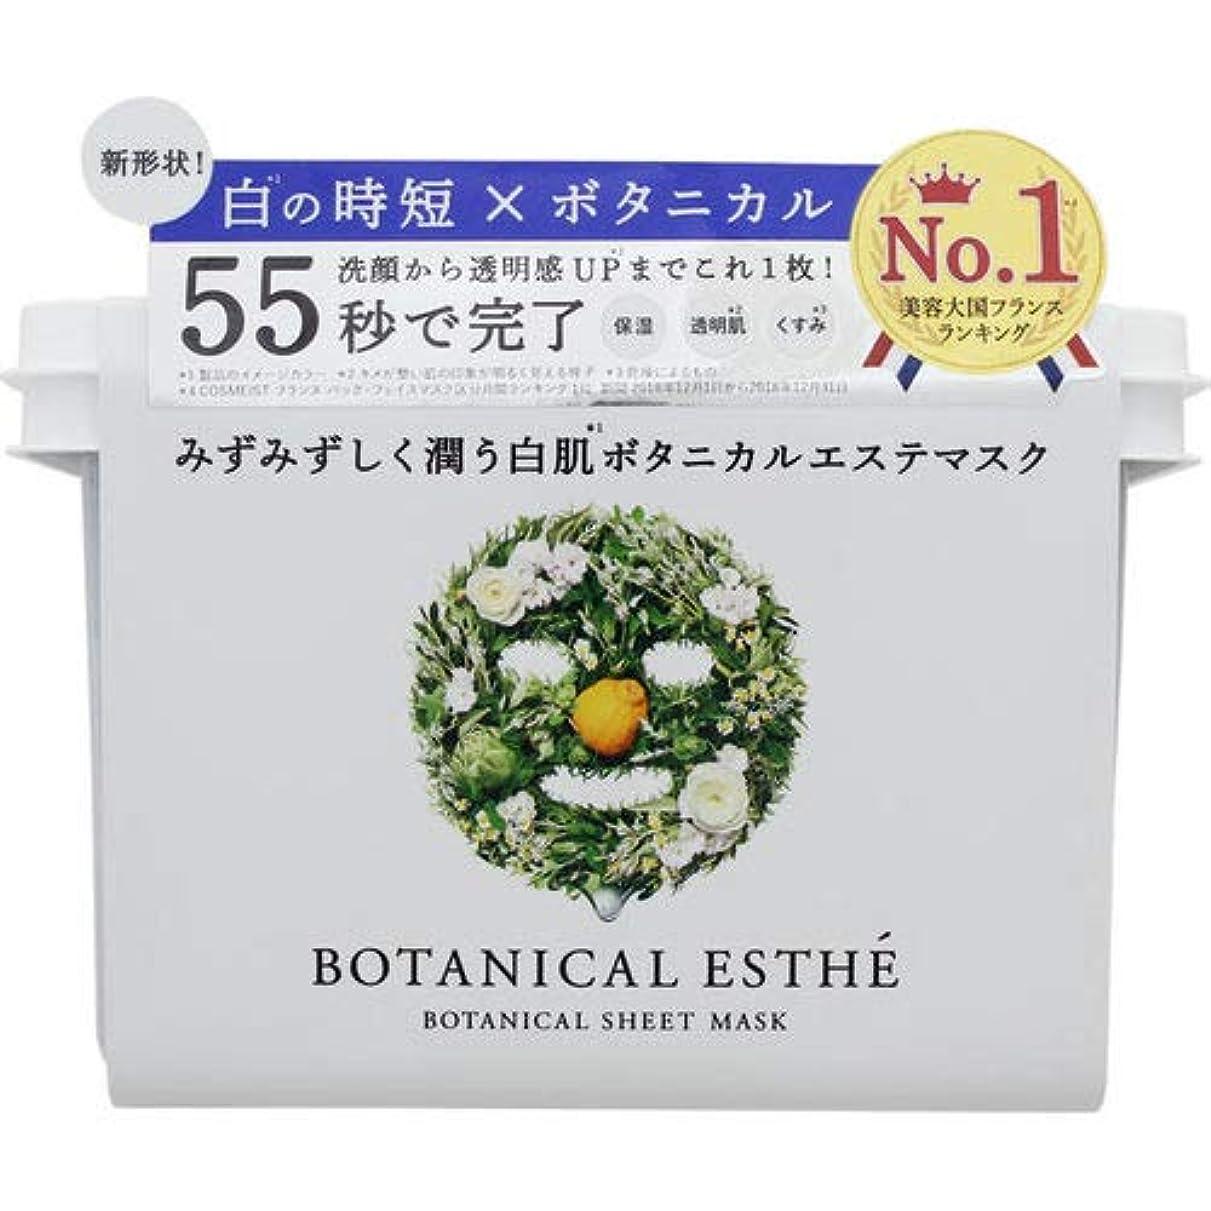 禁止持続的インポートボタニカルエステ シートマスク ホワイト 30枚(320mL)